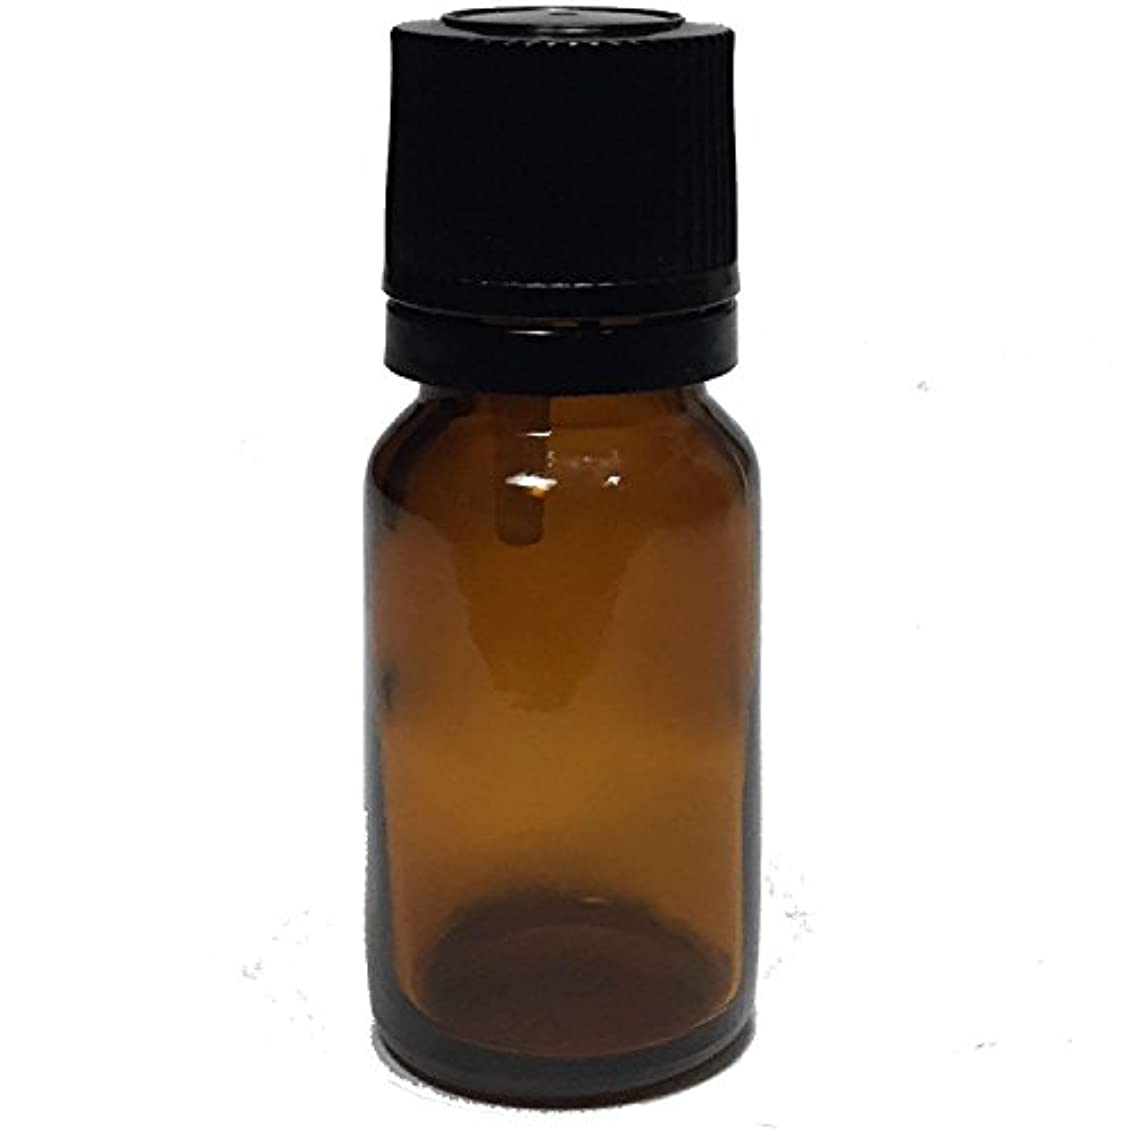 風刺スラッシュ従者エッセンシャルオイル用茶色遮光瓶 ドロッパー付き 黒キャップ 10ml ガラスビン 10本セット